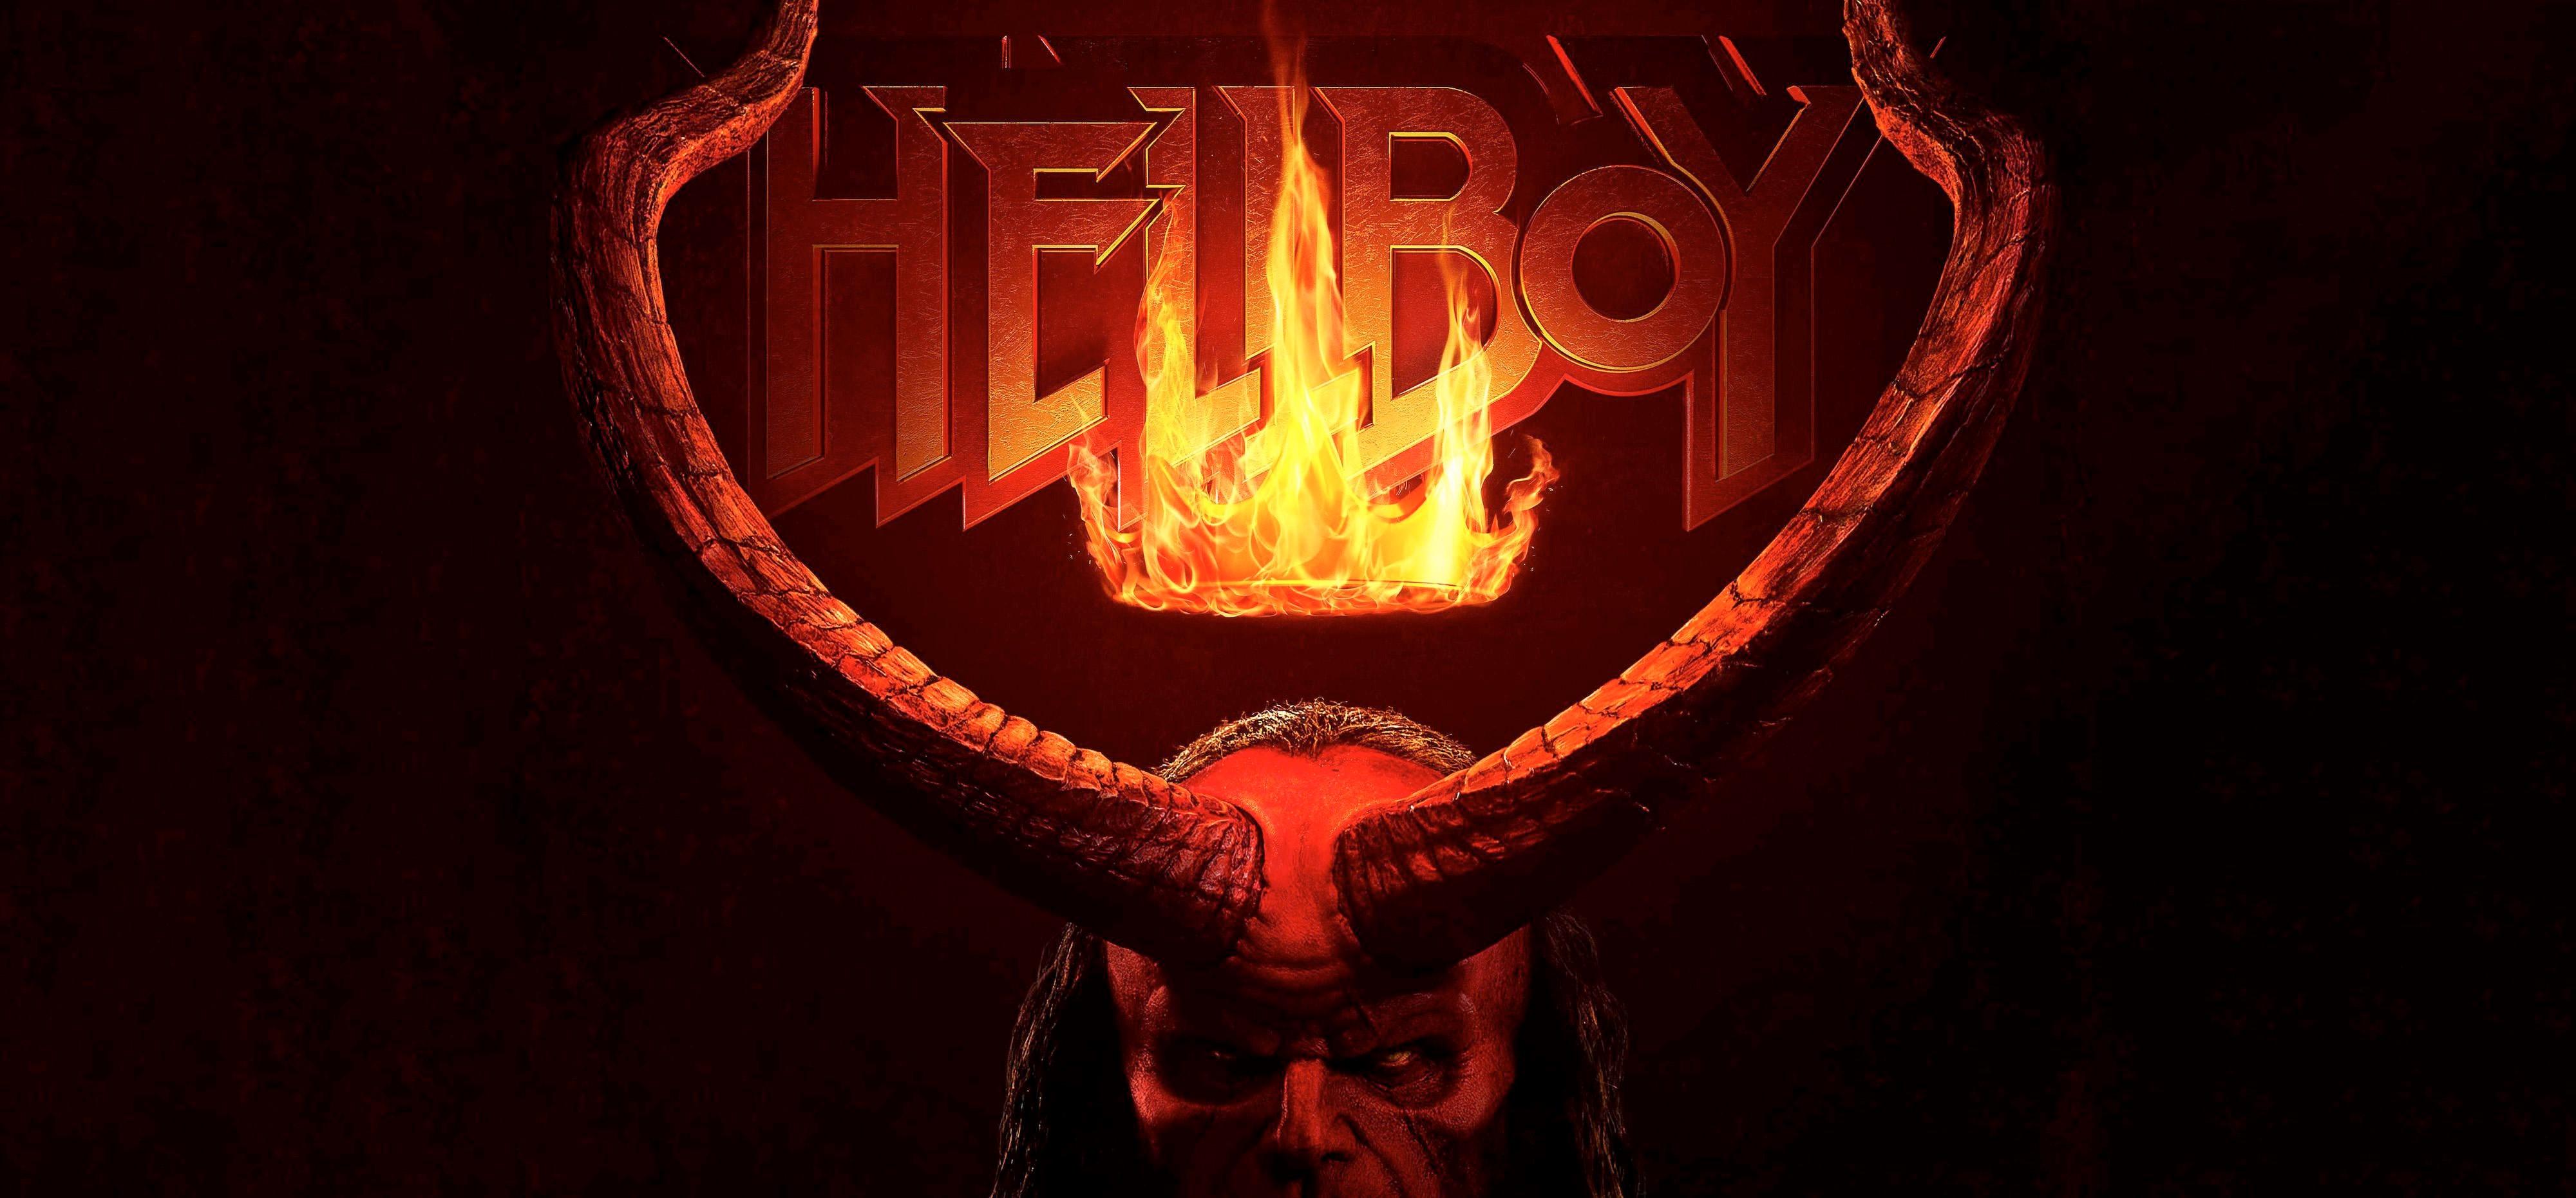 hellboy 8k duvarkağıdı